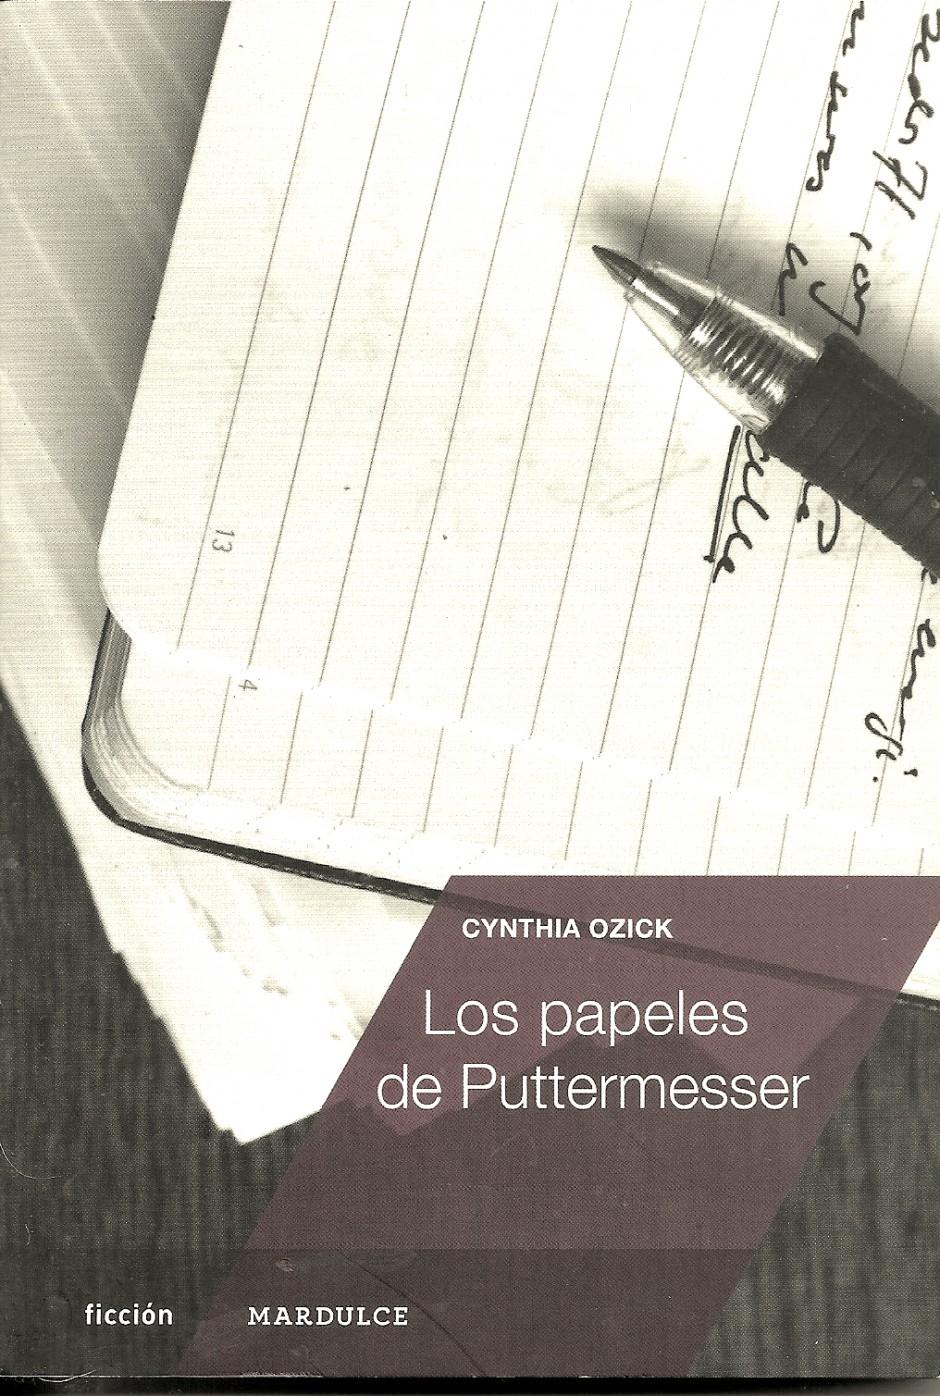 Los papeles de Puttermesser de Cynthia Ozick